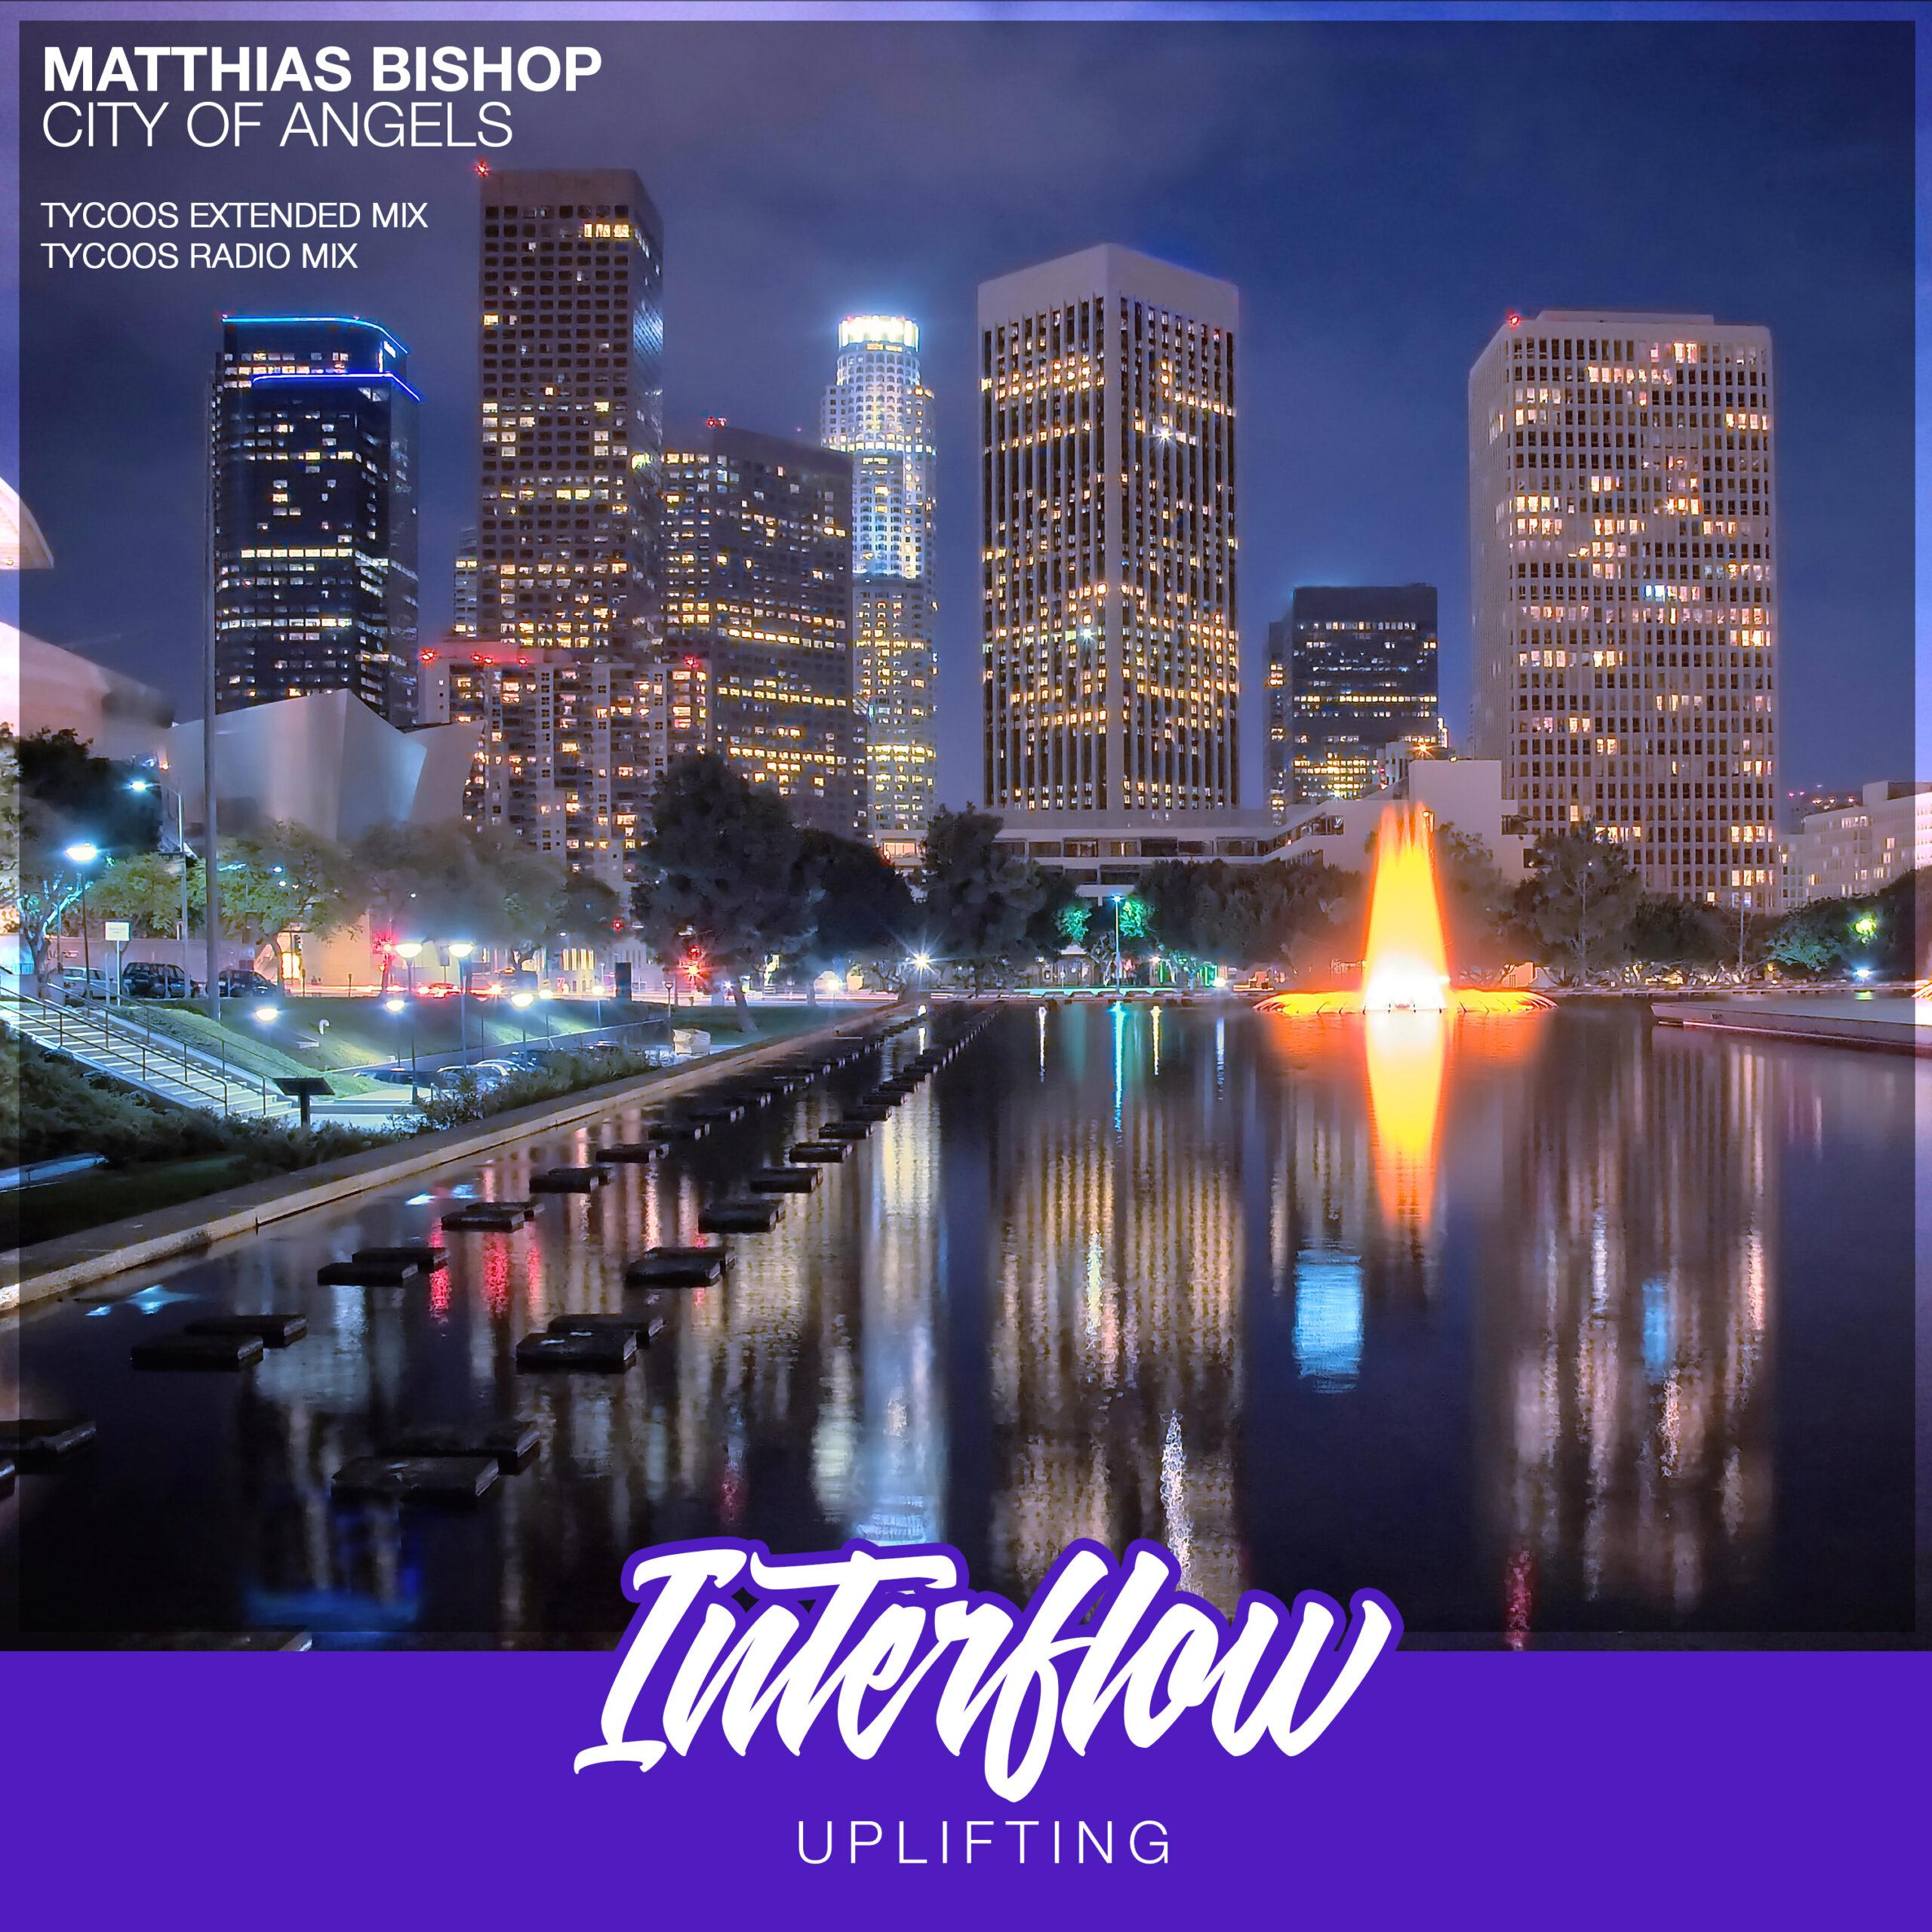 Armin Van Buuren supports Matthias Bishop's song